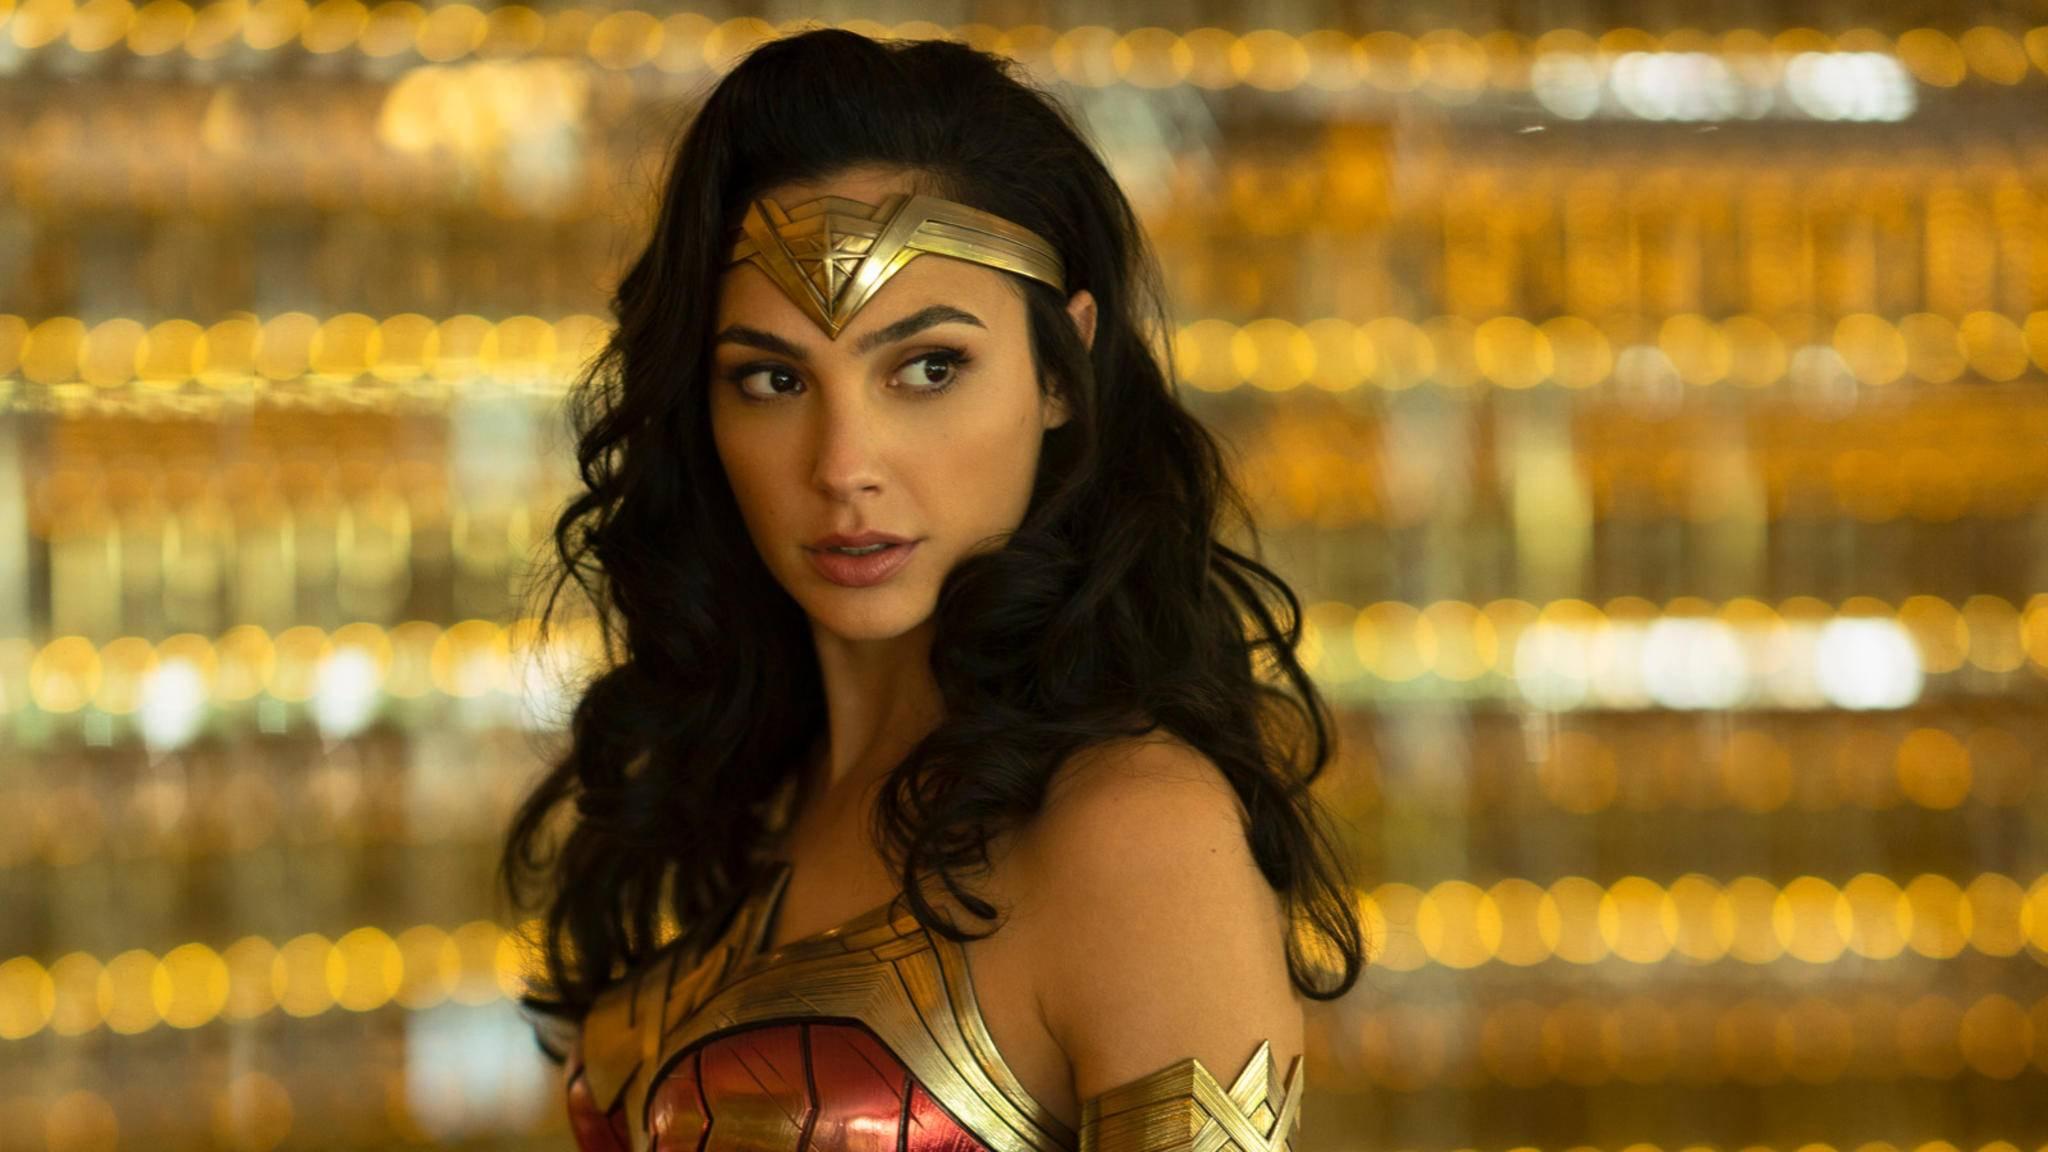 Wonder Woman verabschiedet sich auf dem neuen Poster von ihrem klassischen Kostüm.